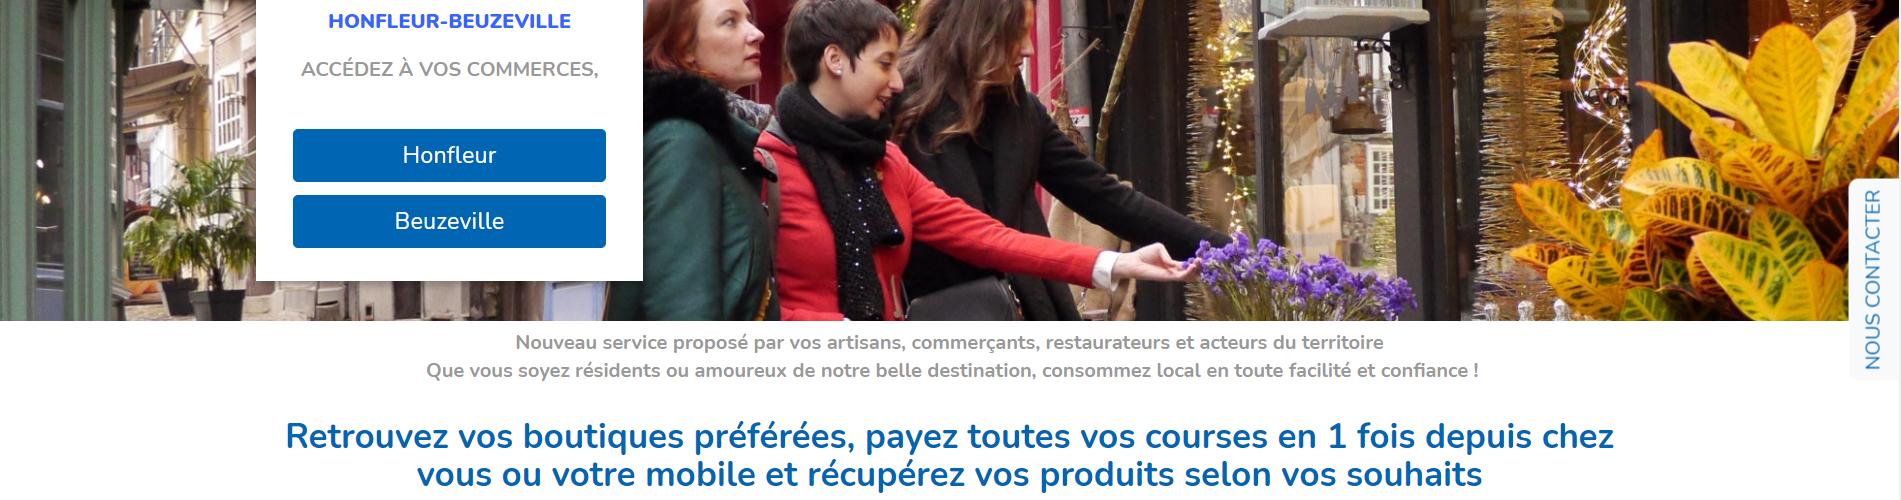 Afin de répondre aux nouvelles pratiques d'achat et à la crise sanitaire, la Communauté de Communes du Pays de Honfleur-Beuzeville (CCPHB) a mis en ligne ce 1